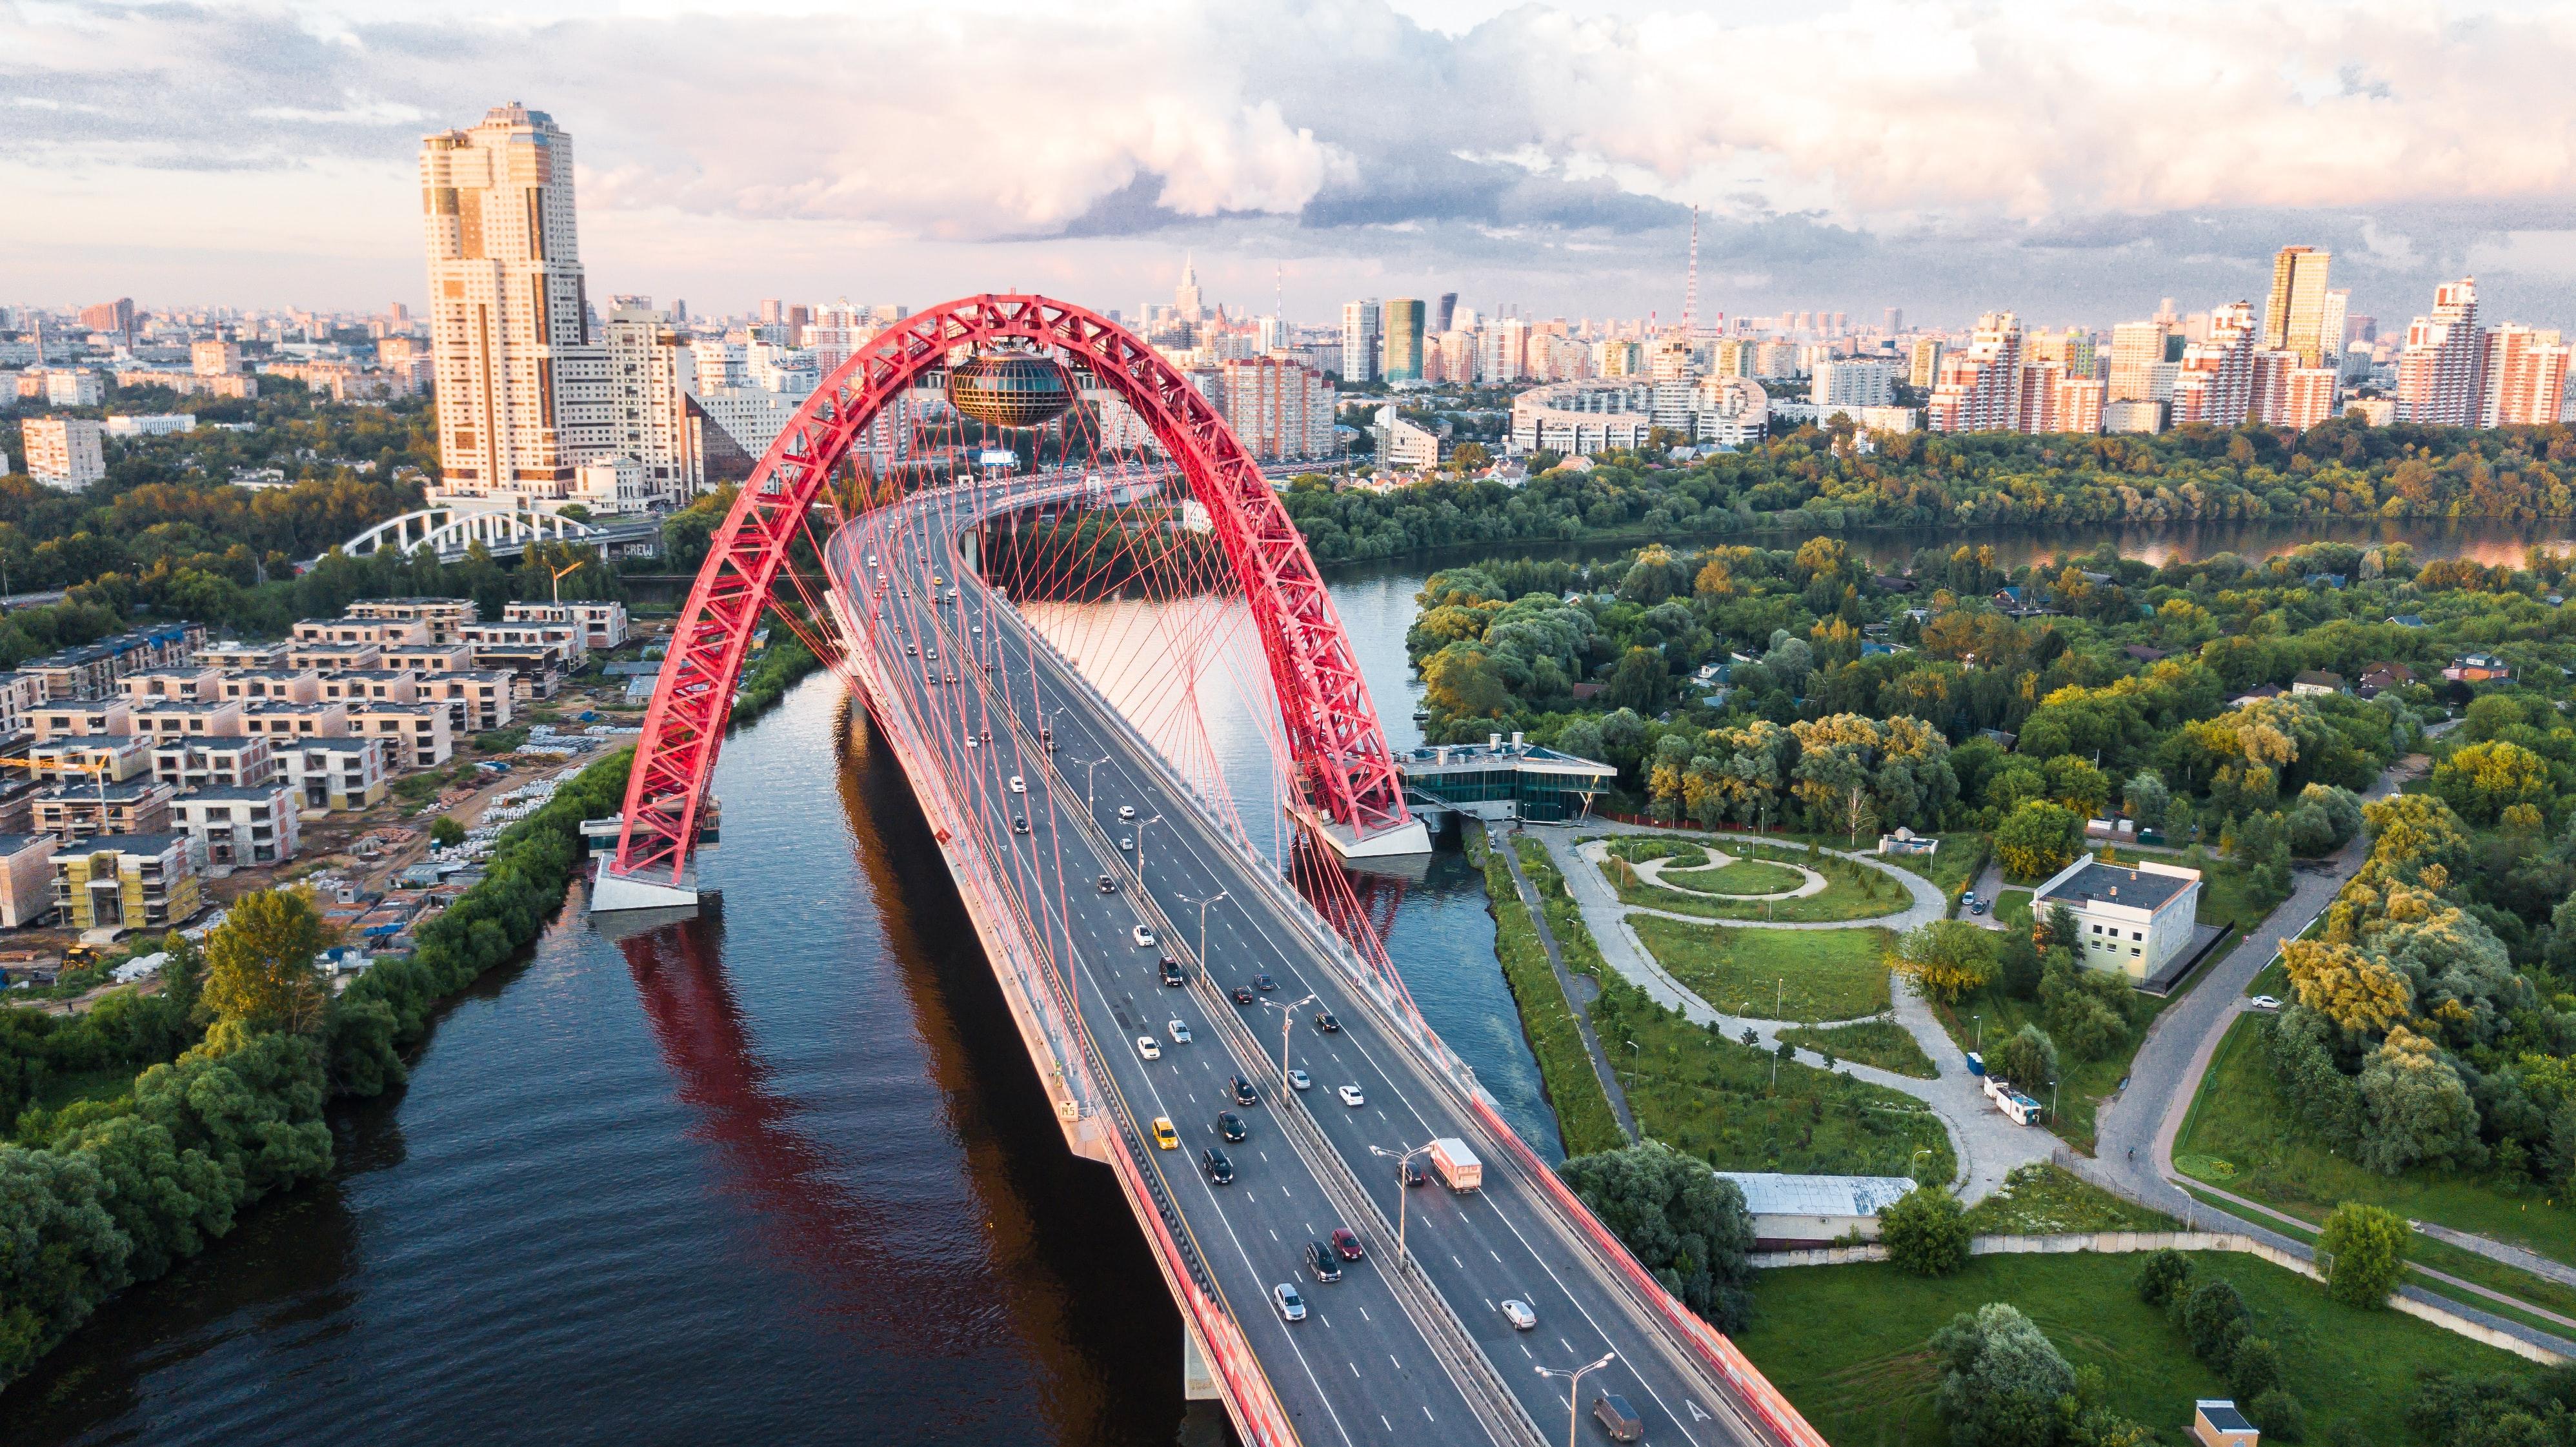 ロシア・モスクワへの入国制限、緩和情報まとめ【2020年8月最新情報】